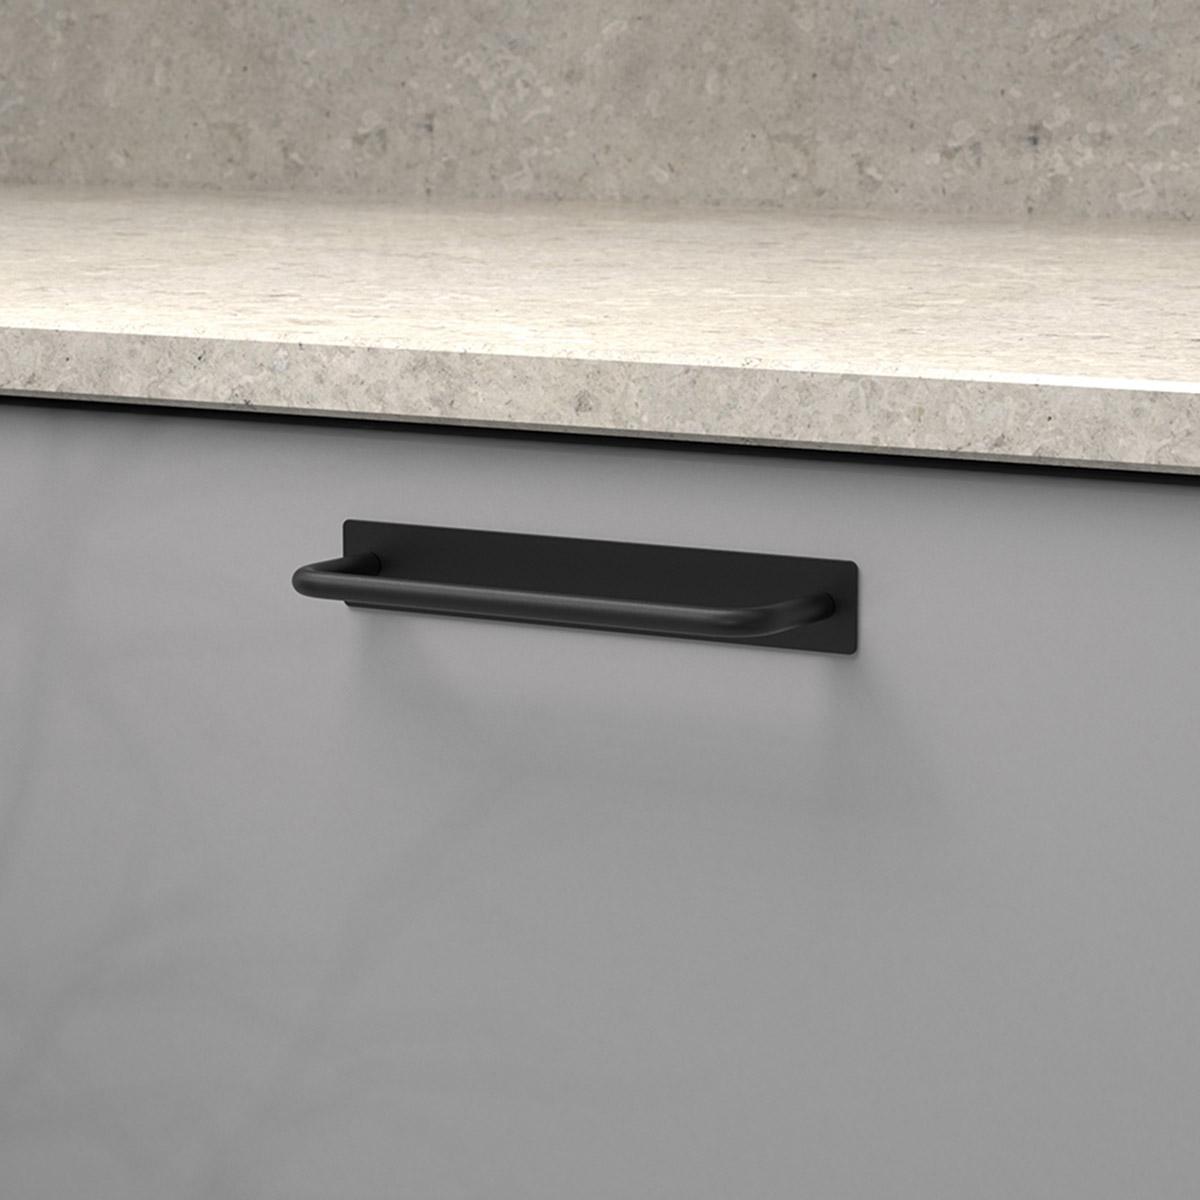 Handtag royal matt svart 336217 11 cc 128 mm ncs s 4500 n kalksten